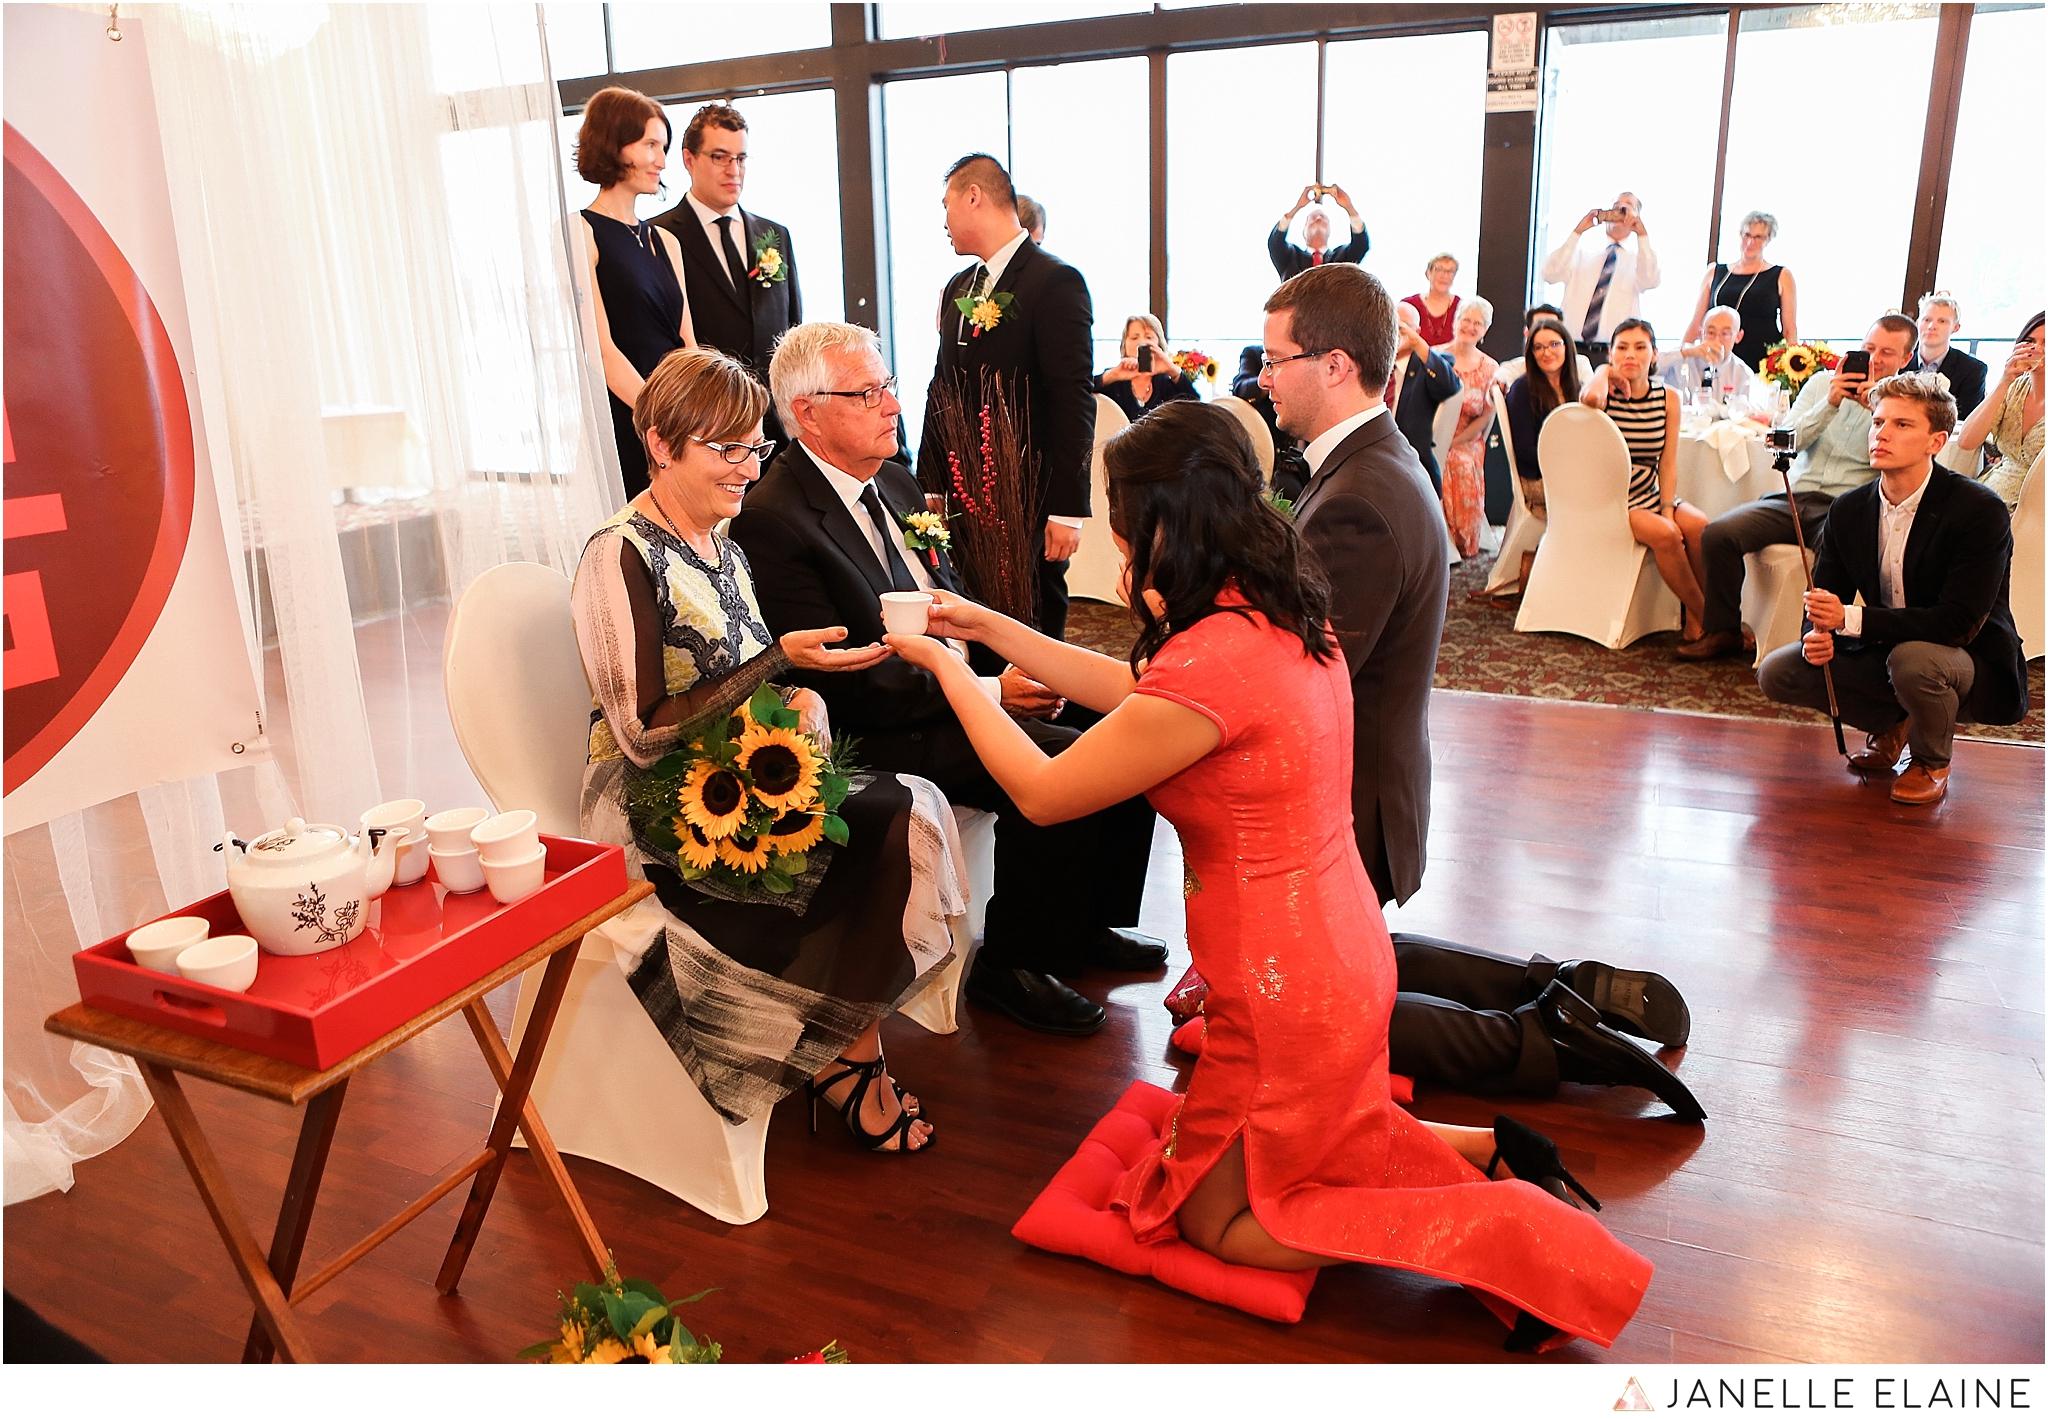 janelle elaine photography-professional wedding photographer seattle--133.jpg